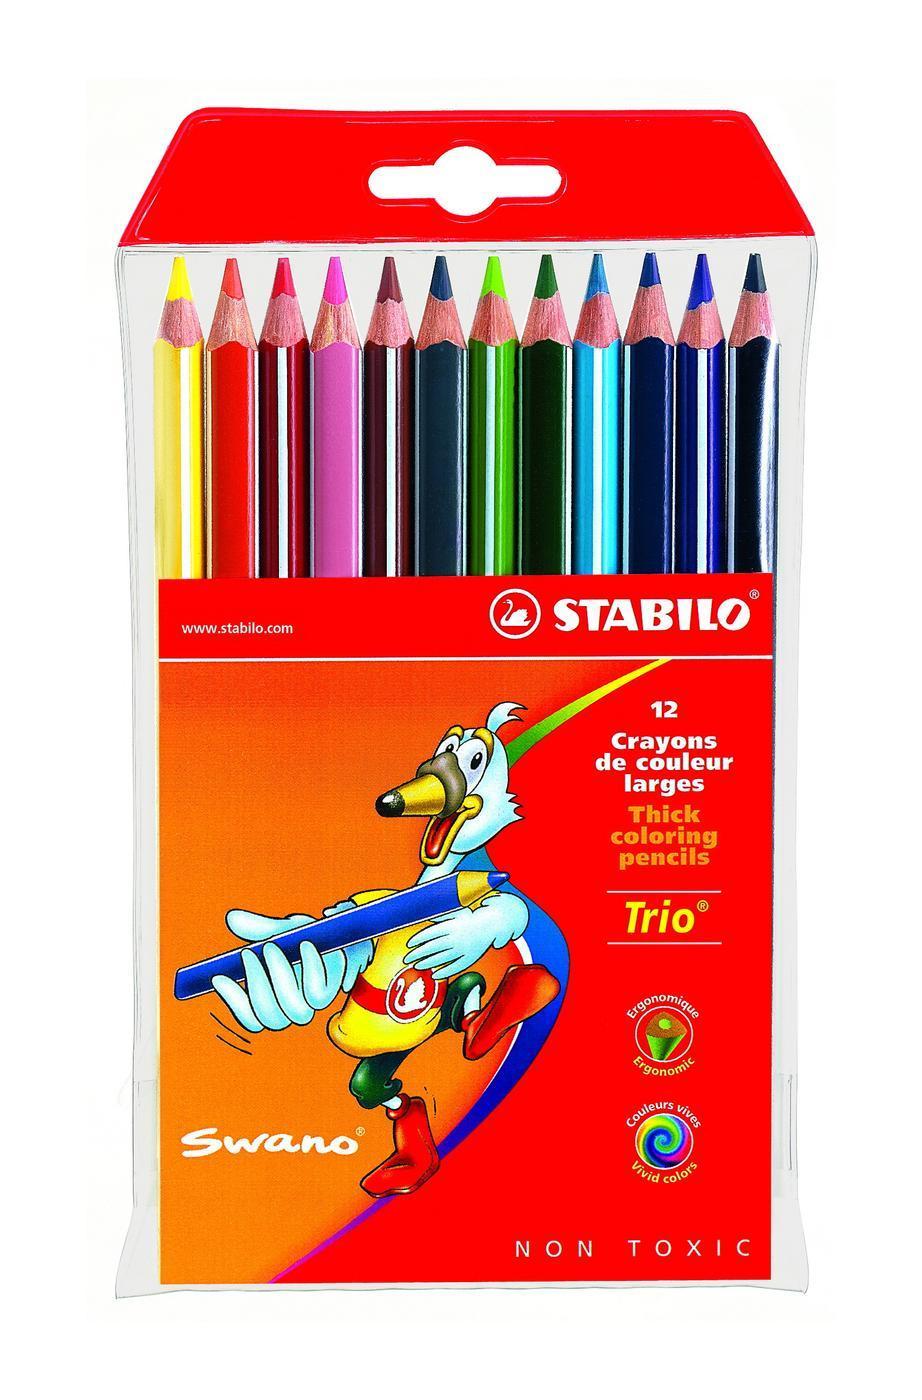 """Набор """"Stabilo Trio"""" состоит из 12 цветных трехгранные карандашей. Благодаря эргономичной форме особенно удобны для детской руки. Большая поверхность зоны обхвата снижает мышечное напряжение и прививает навык правильно держать пишущий инструмент. Утолщенный корпус облегчает удержание карандашей детьми с недостаточно развитой мелкой моторикой руки. Карандаши отличаются особой яркостью цвета, исключительной покрывающей способностью и устойчивостью к свету, легко рисуют на бумаге, не царапая ее и не крошась. Увеличенный грифель выдерживает повышенные нагрузки при письме и рисовании."""